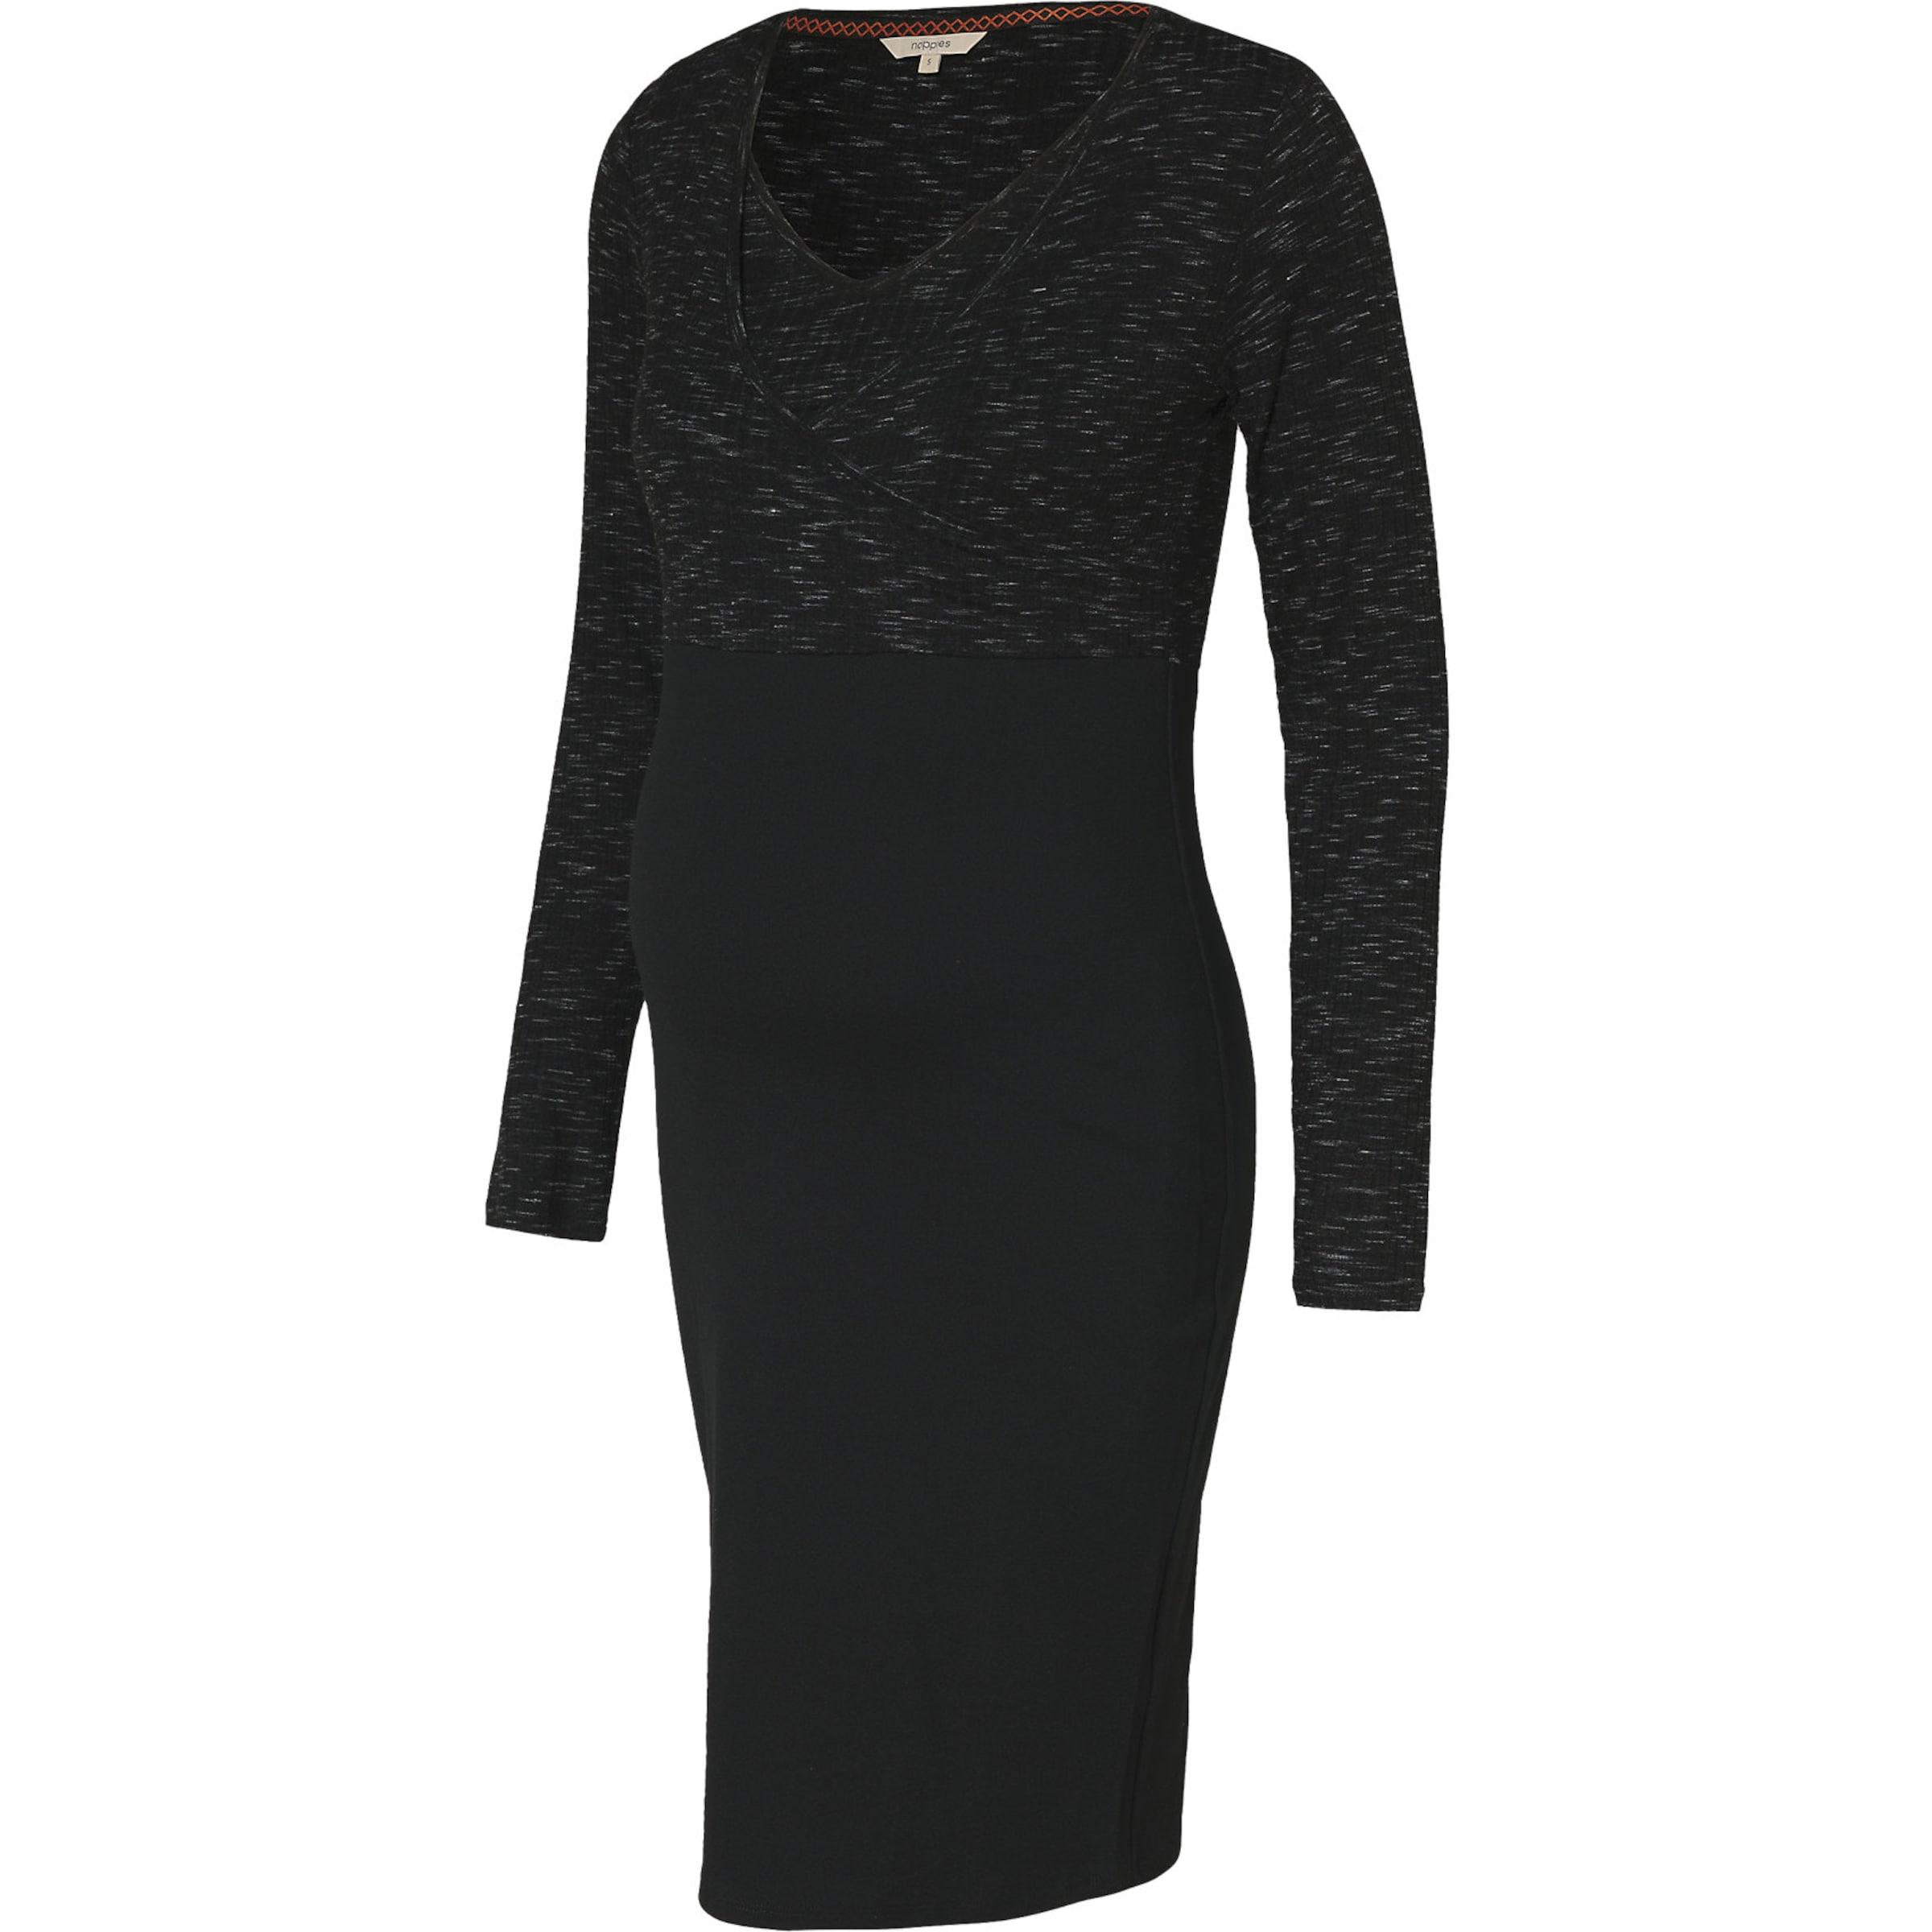 Kleid 'jaimy' 'jaimy' SchwarzSchwarzmeliert SchwarzSchwarzmeliert Kleid Noppies Kleid In In Noppies Noppies eCxodBr